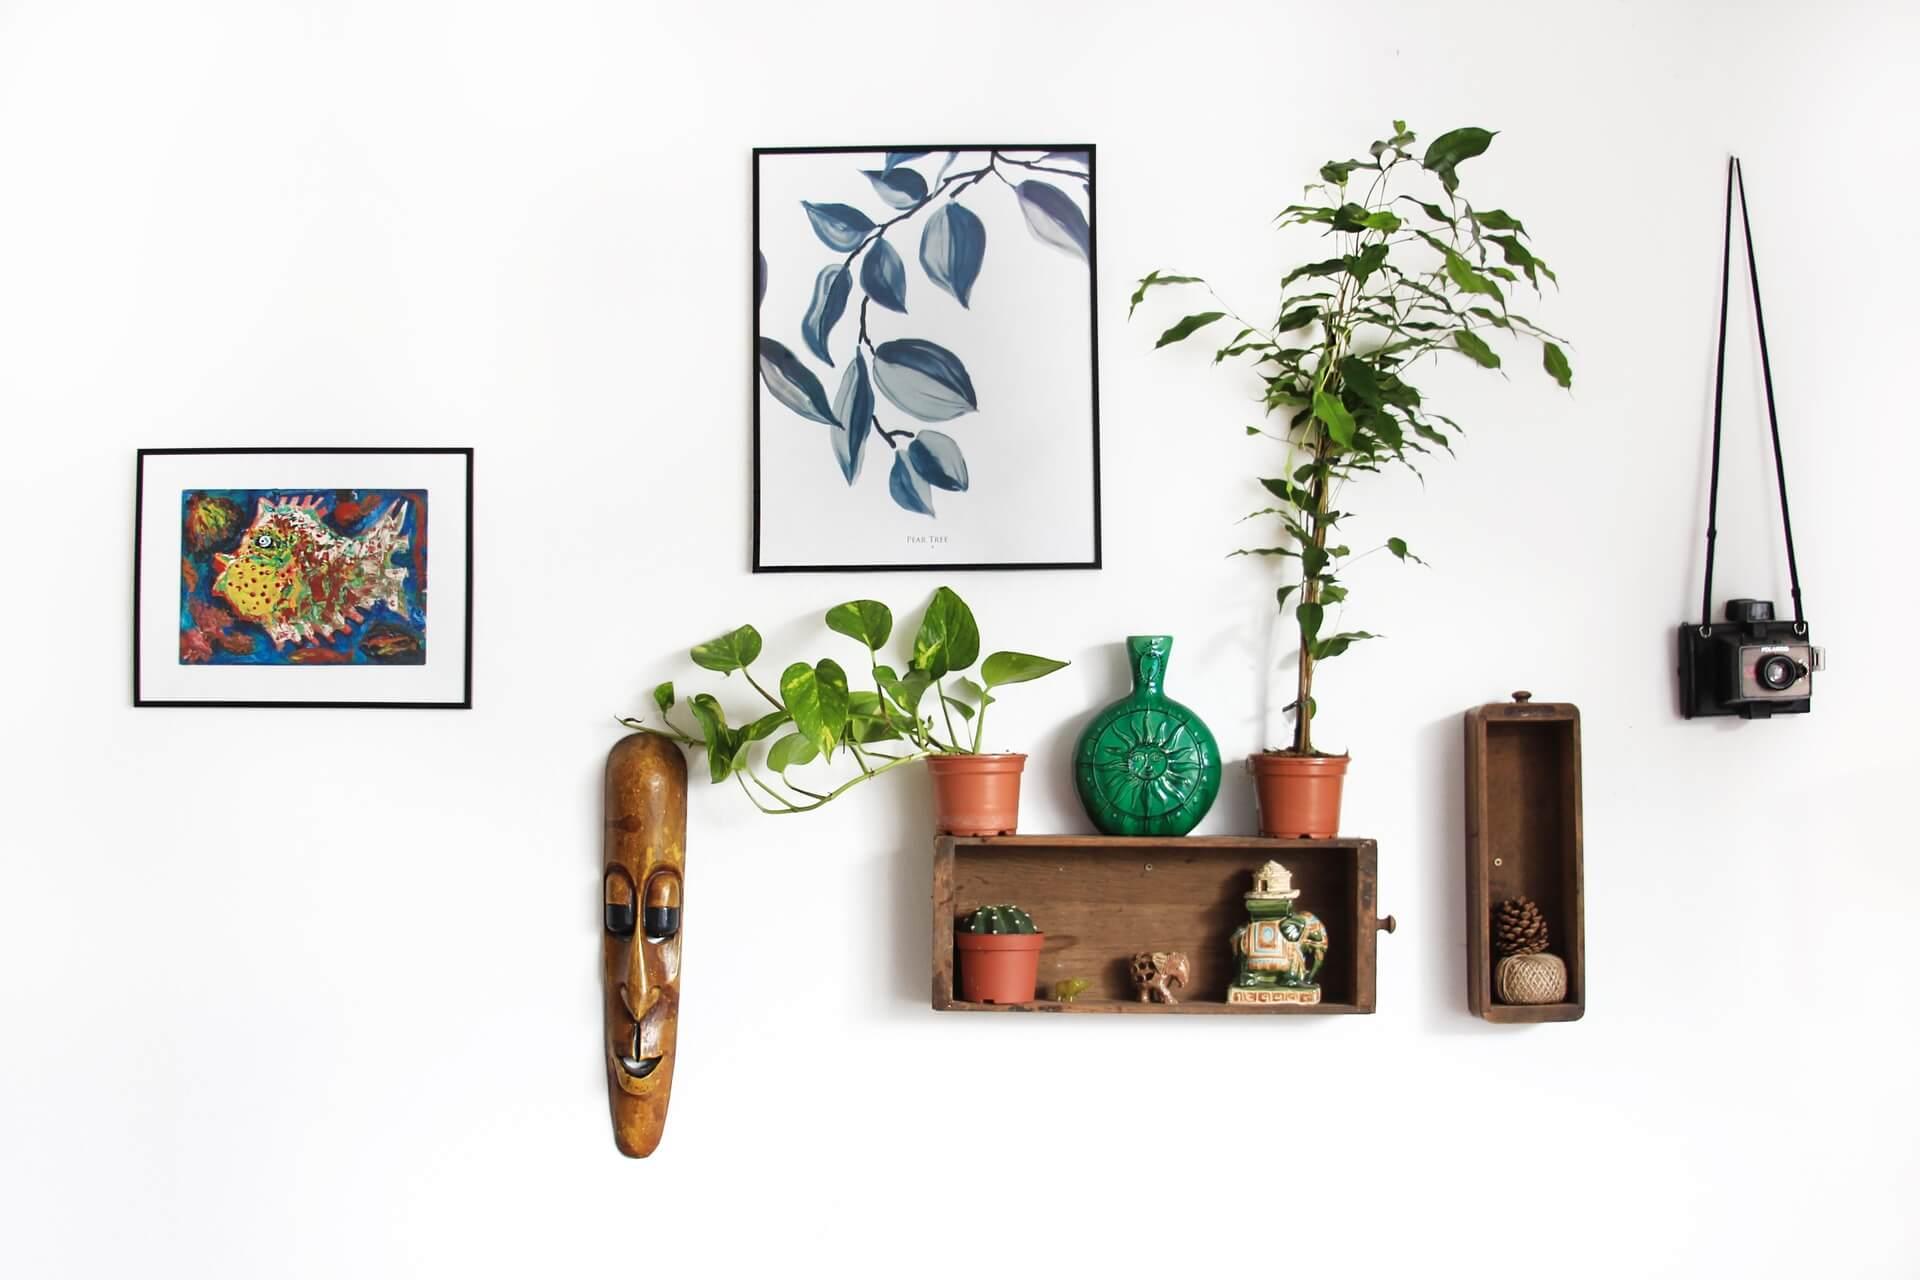 Lembranças de viagens como quadros, souvenirs e escultura vão deixar a casa com a sua personalidade.